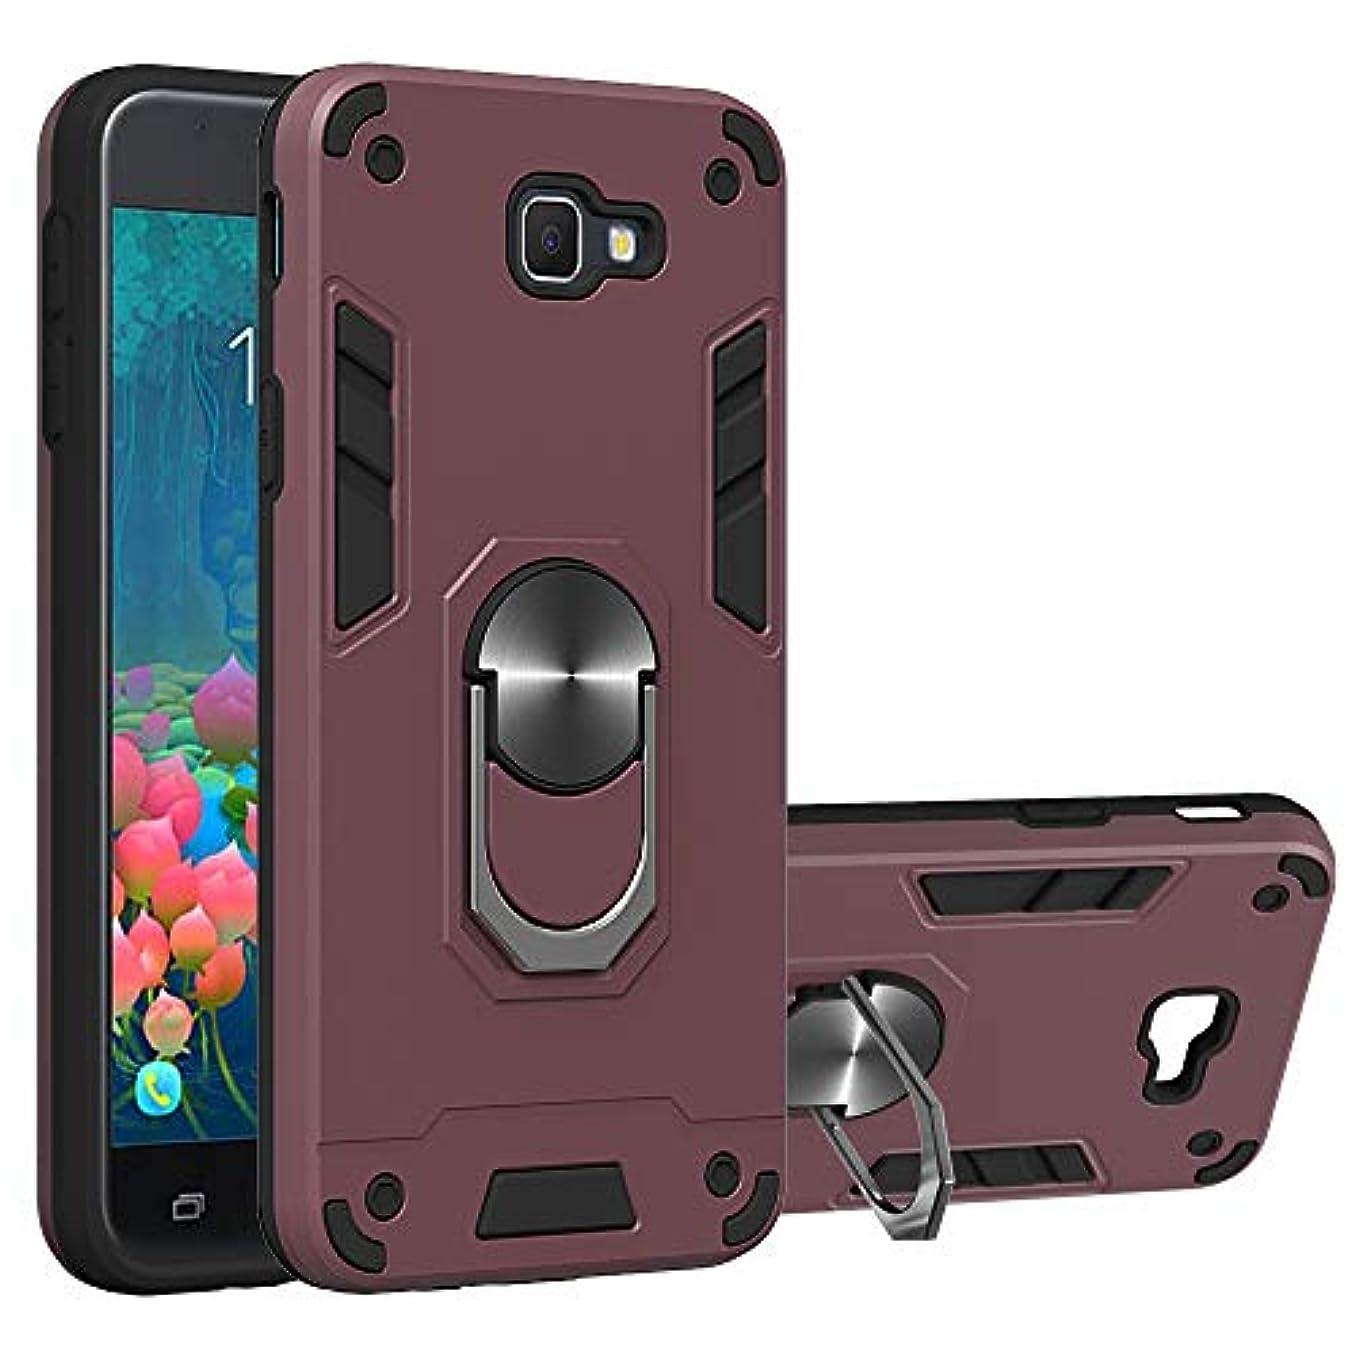 成熟したウガンダ芸術的Zeebox Galaxy J5 Prime/Galaxy On 5 ケース リング 落下防止 スタンド機能 メッキ加工 リング ケース PC おしゃれ 全面保護カバー 車載ホルダー対応 Samsung Galaxy J5 Prime/Galaxy On 5 ケース, 褐色